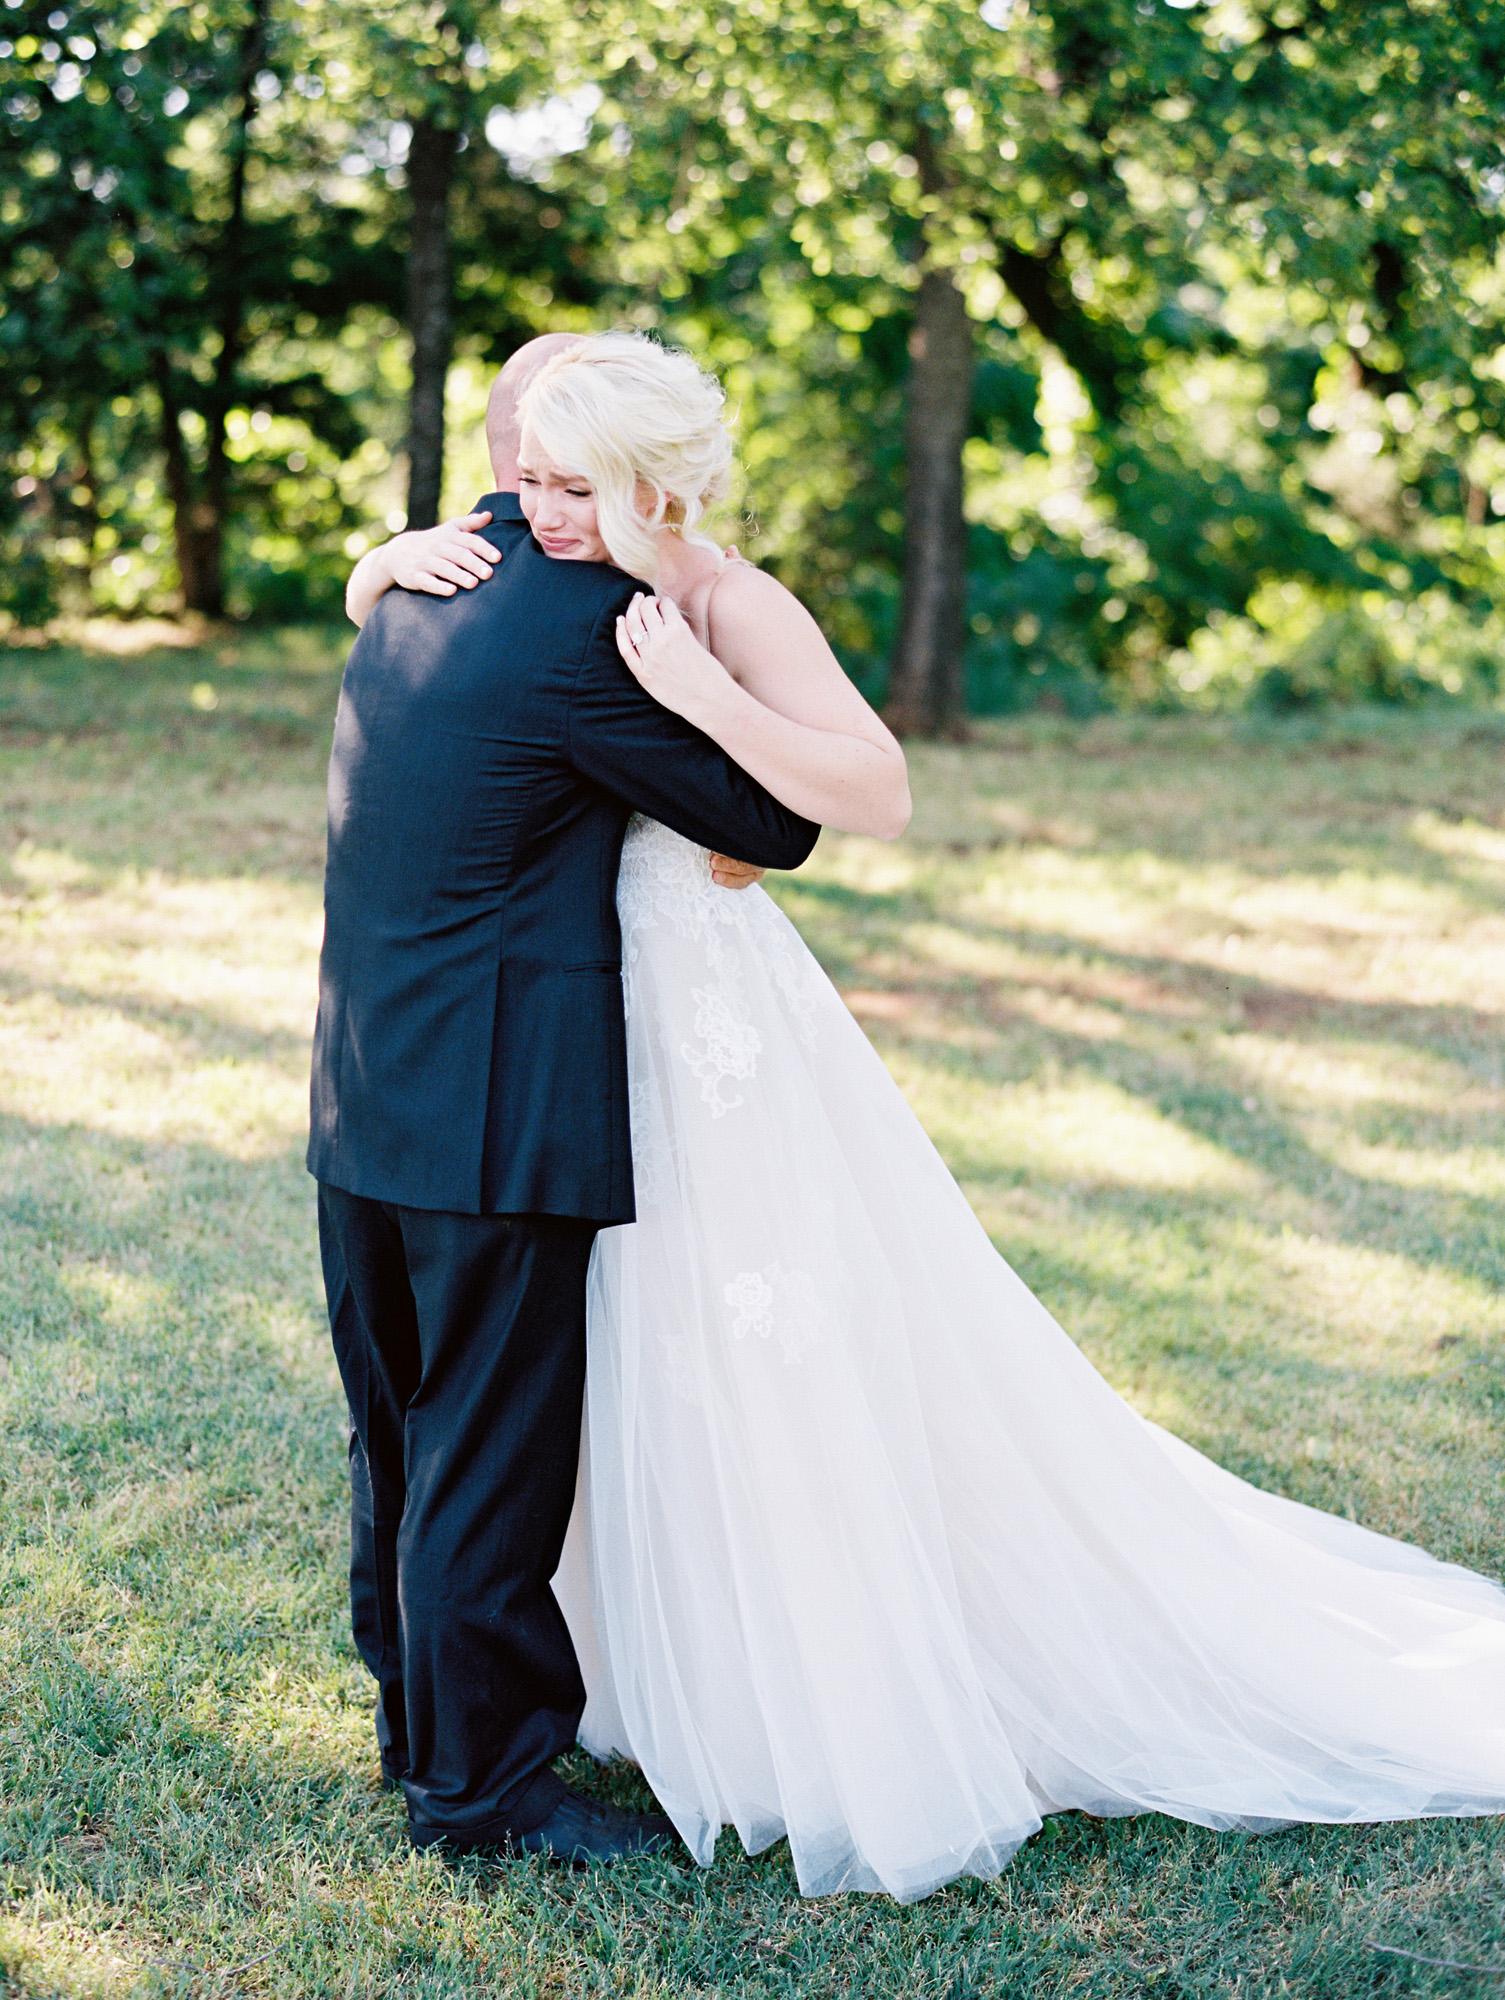 Father-Daughter Wedding Photos, Emotional Hug